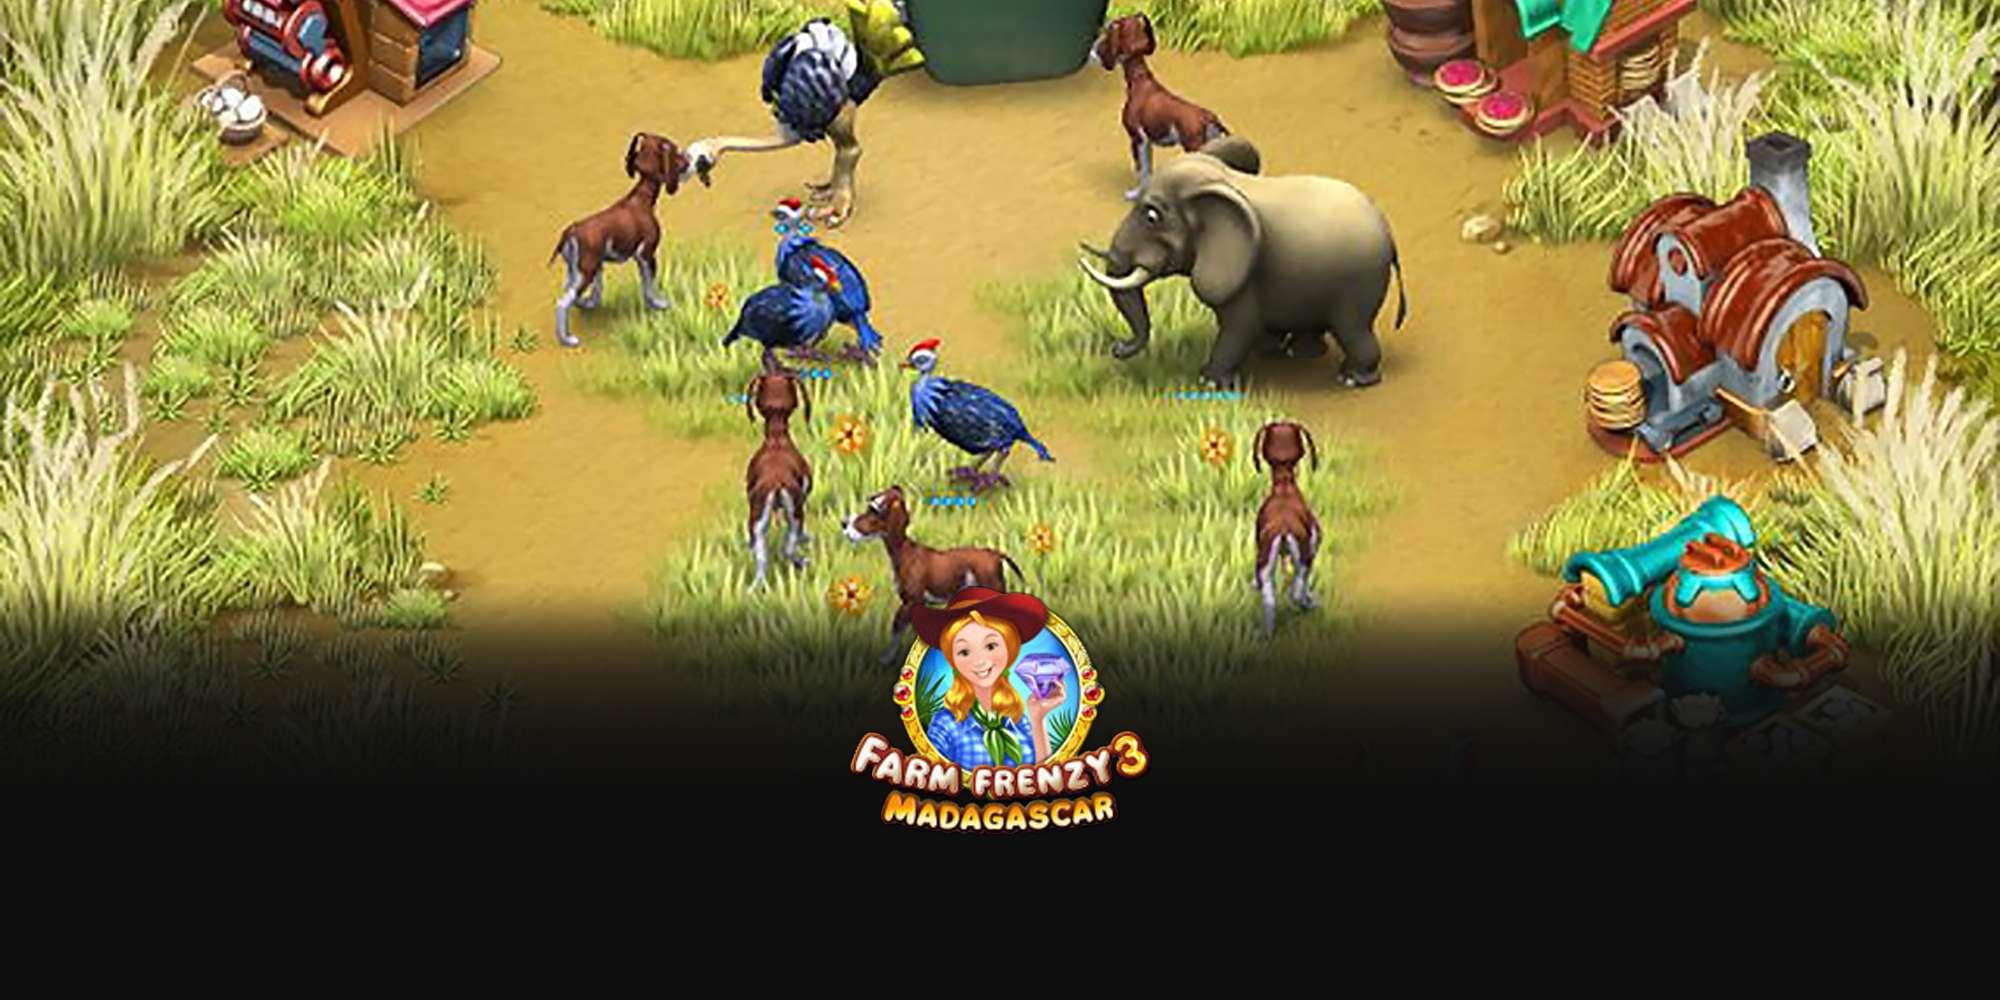 Farm Frenzy 3: Madagascar | Utomik